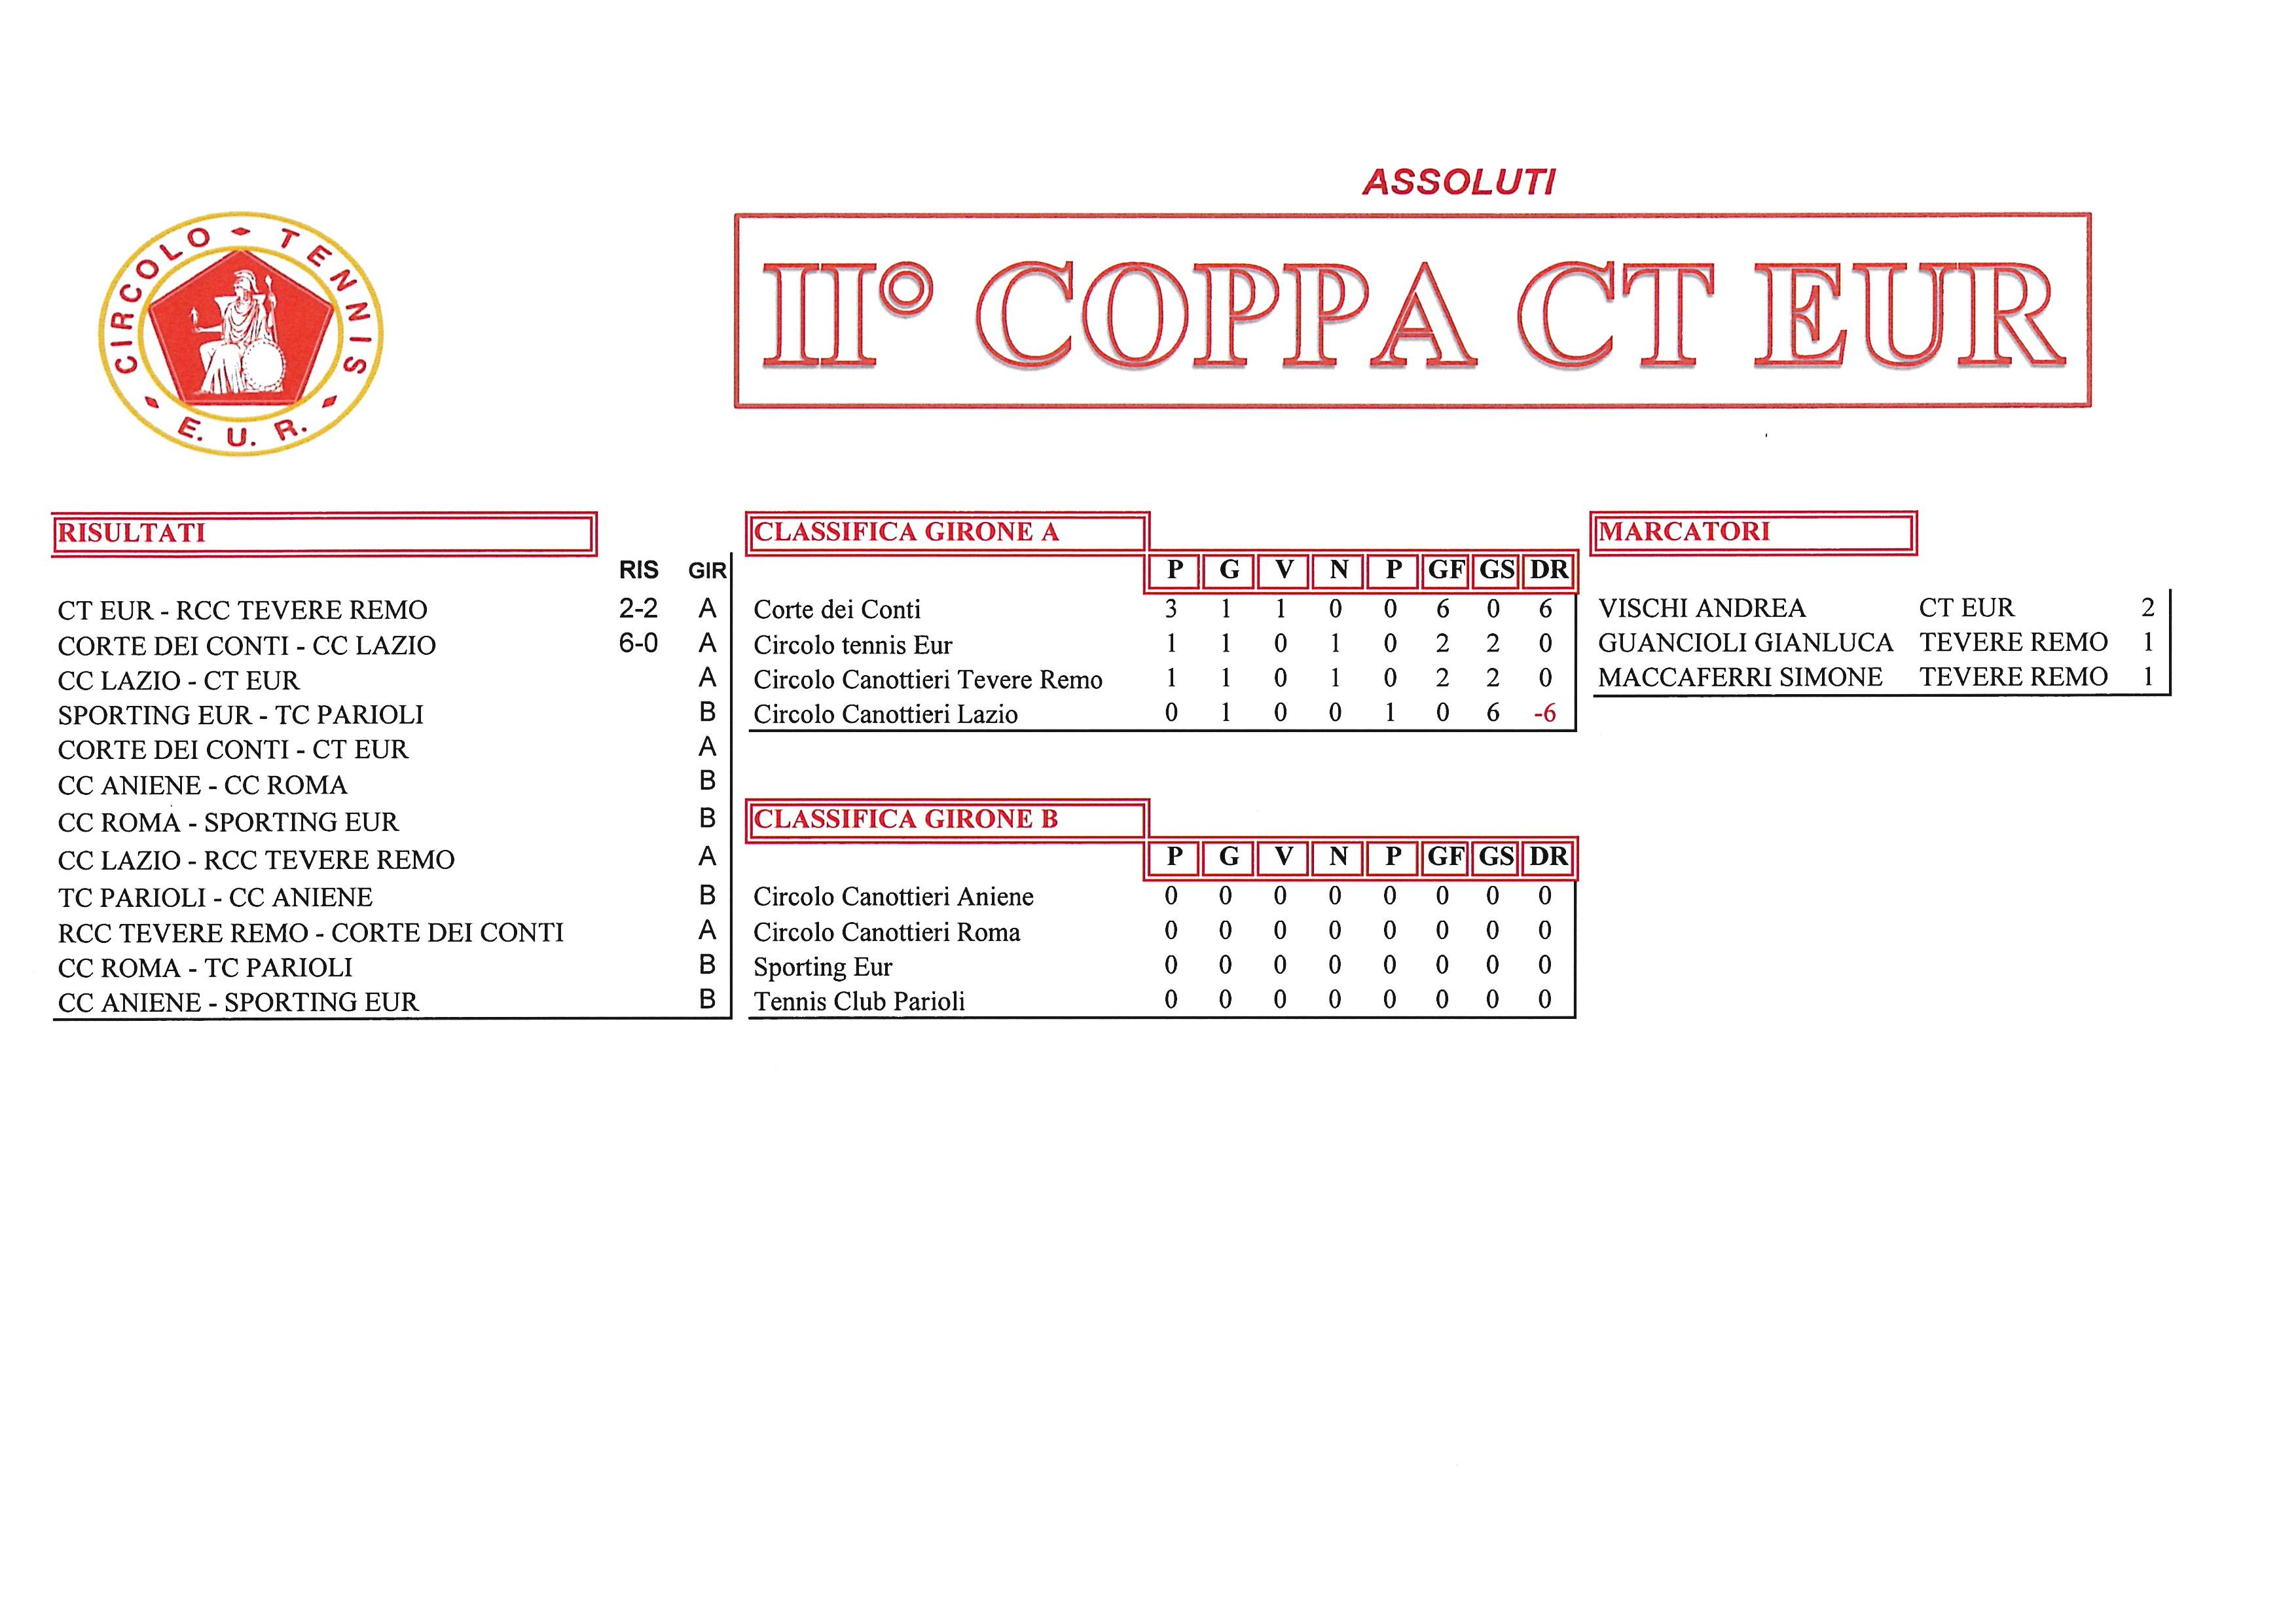 Coppa CT Eur risultati del 21 settembre2017 assoluti